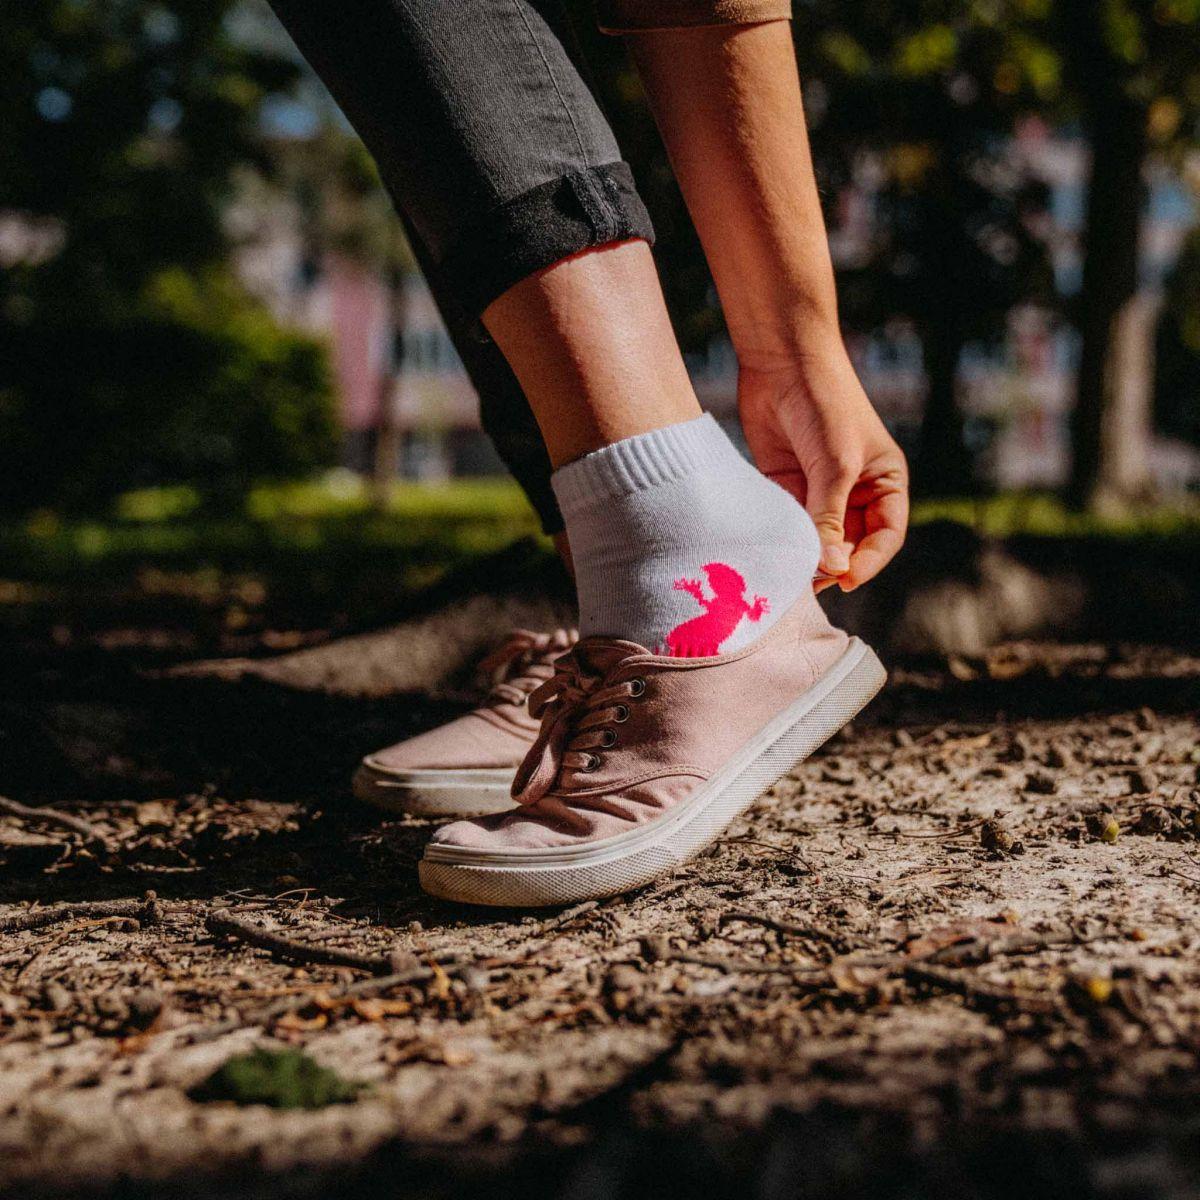 Ponožky - Ještěrka bílé p3